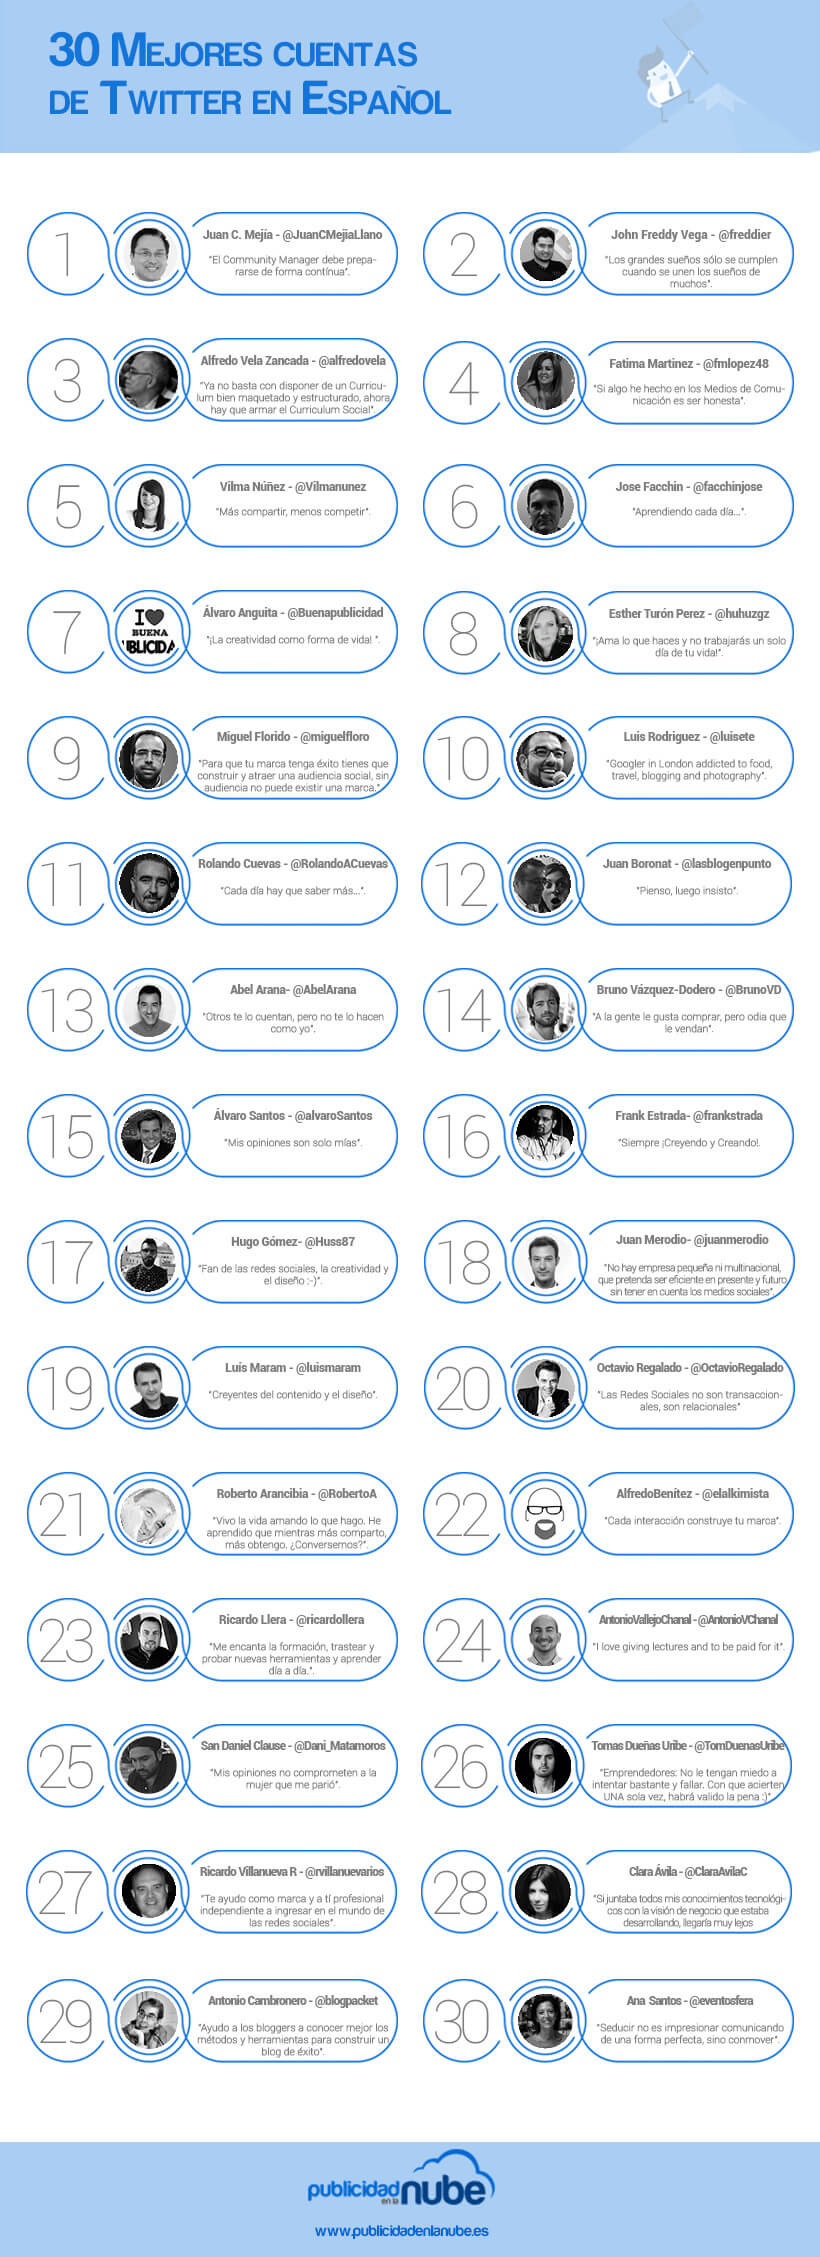 30 mejores cuentas de Twitter en Español